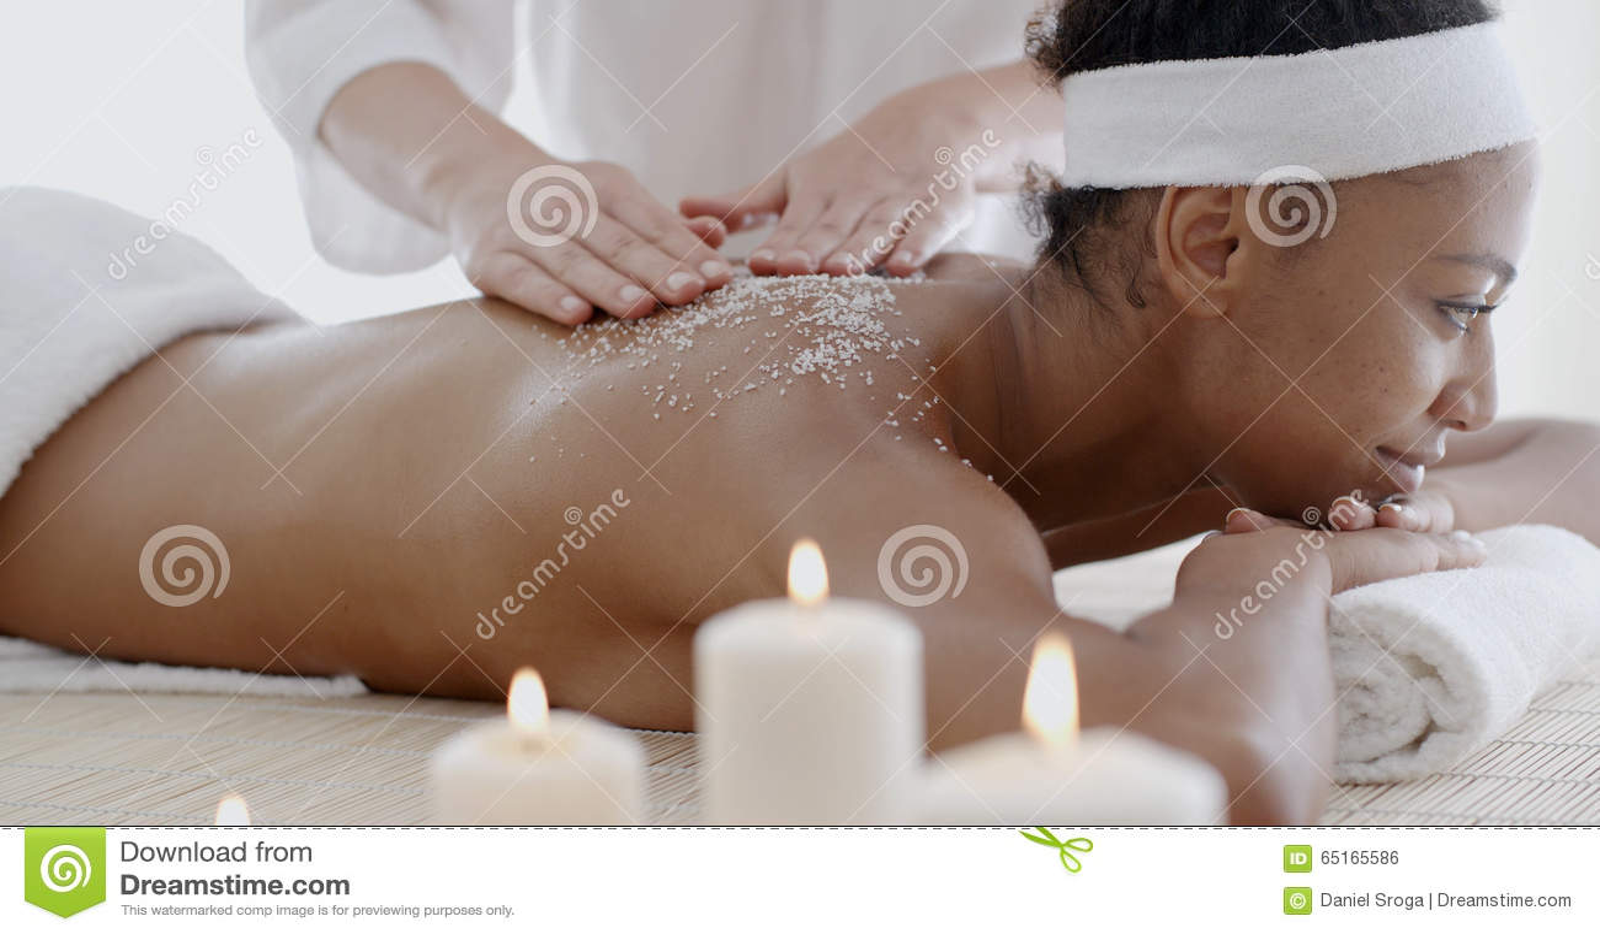 La mujer que consigue una sal friega el tratamiento